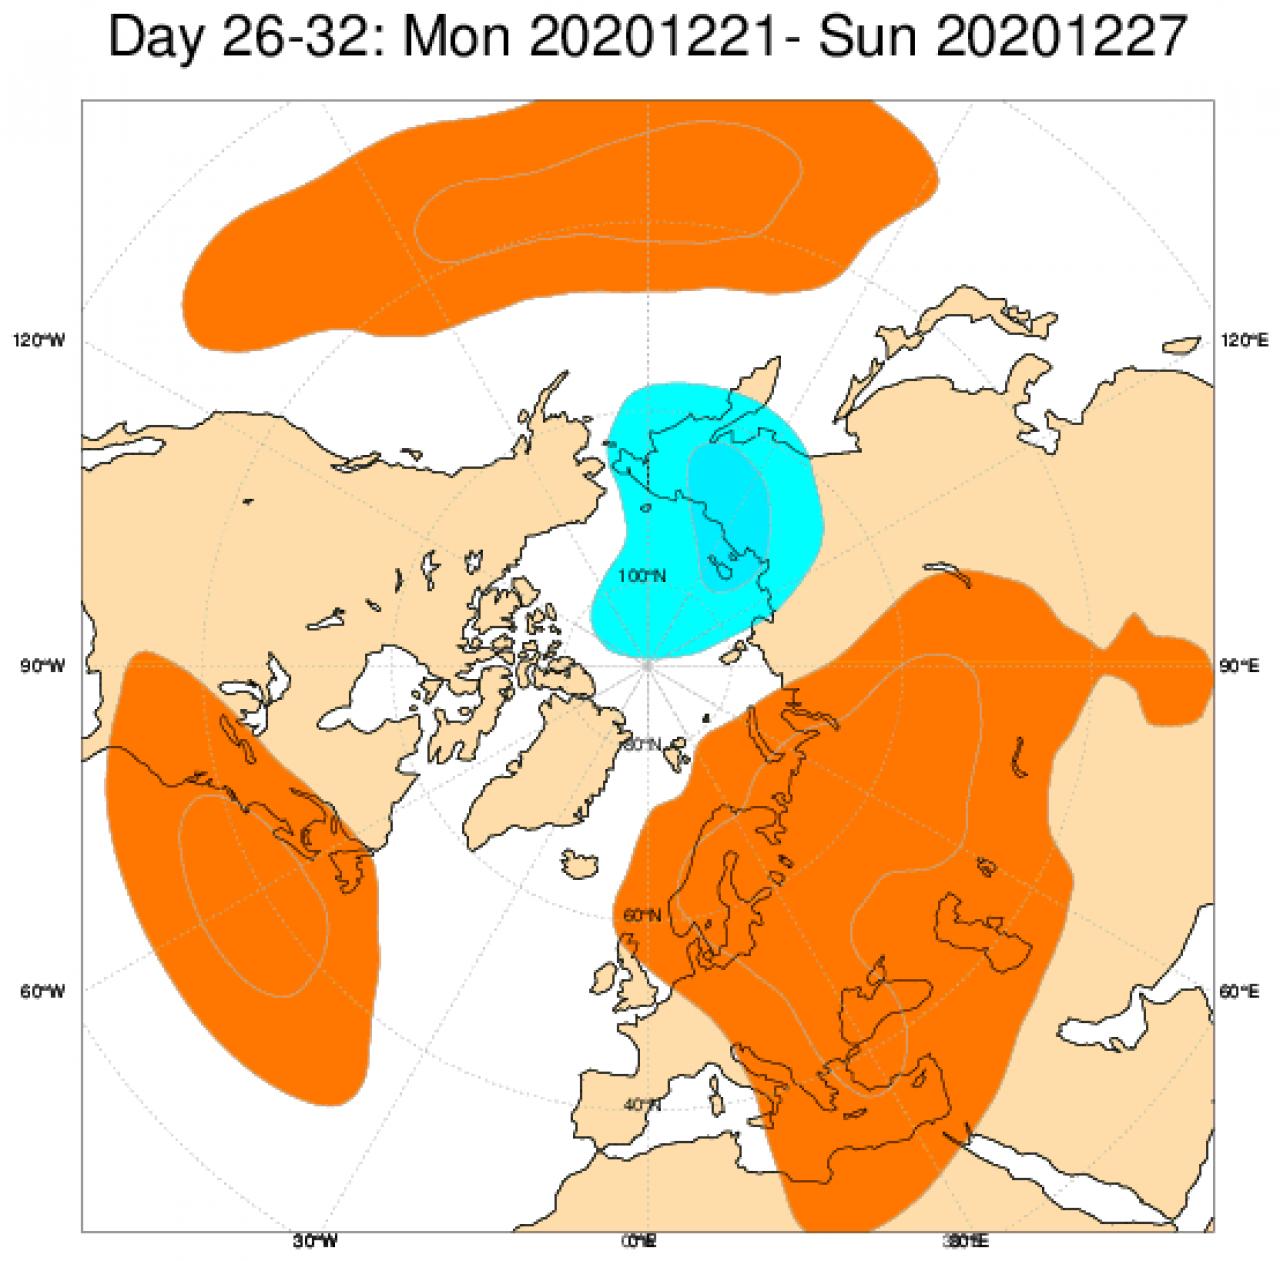 Le anomalie di geopotenziale in Europa, secondo il modello ECMWF, mediate nel periodo 21-27 dicembre